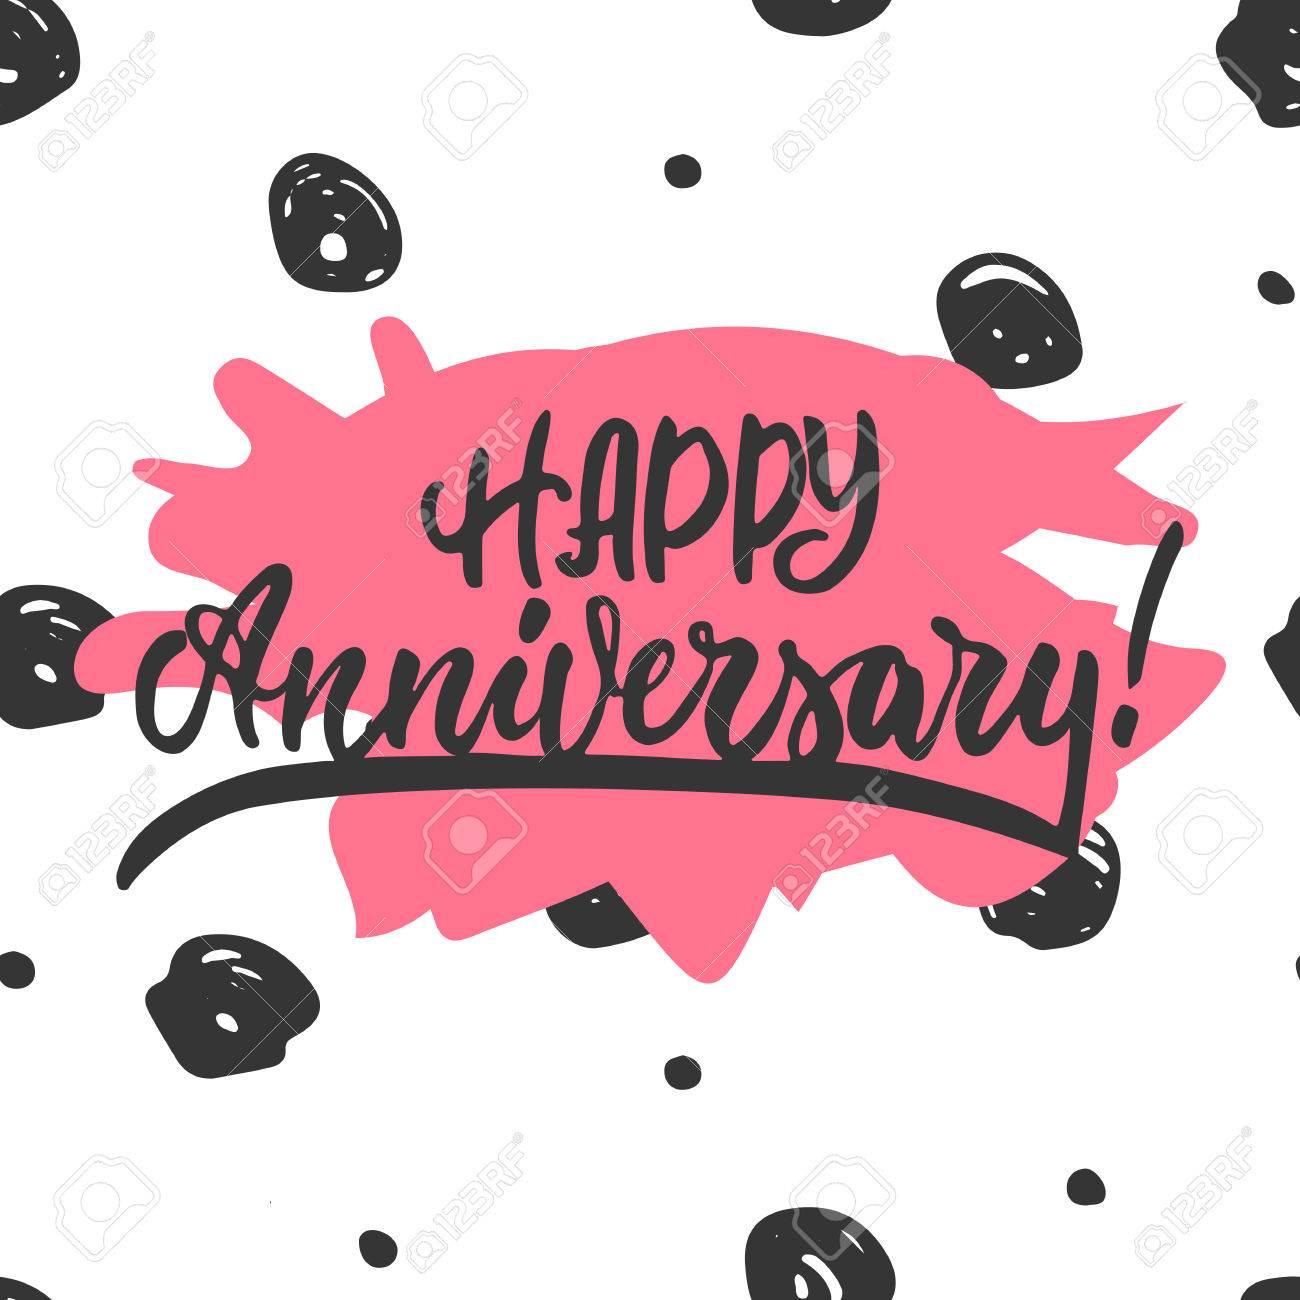 Feliz Aniversario Frase De Letras Dibujadas A Mano Aislado En El Fondo Blanco Divertida Inscripción De Tinta Para Pinceles Para Superposiciones